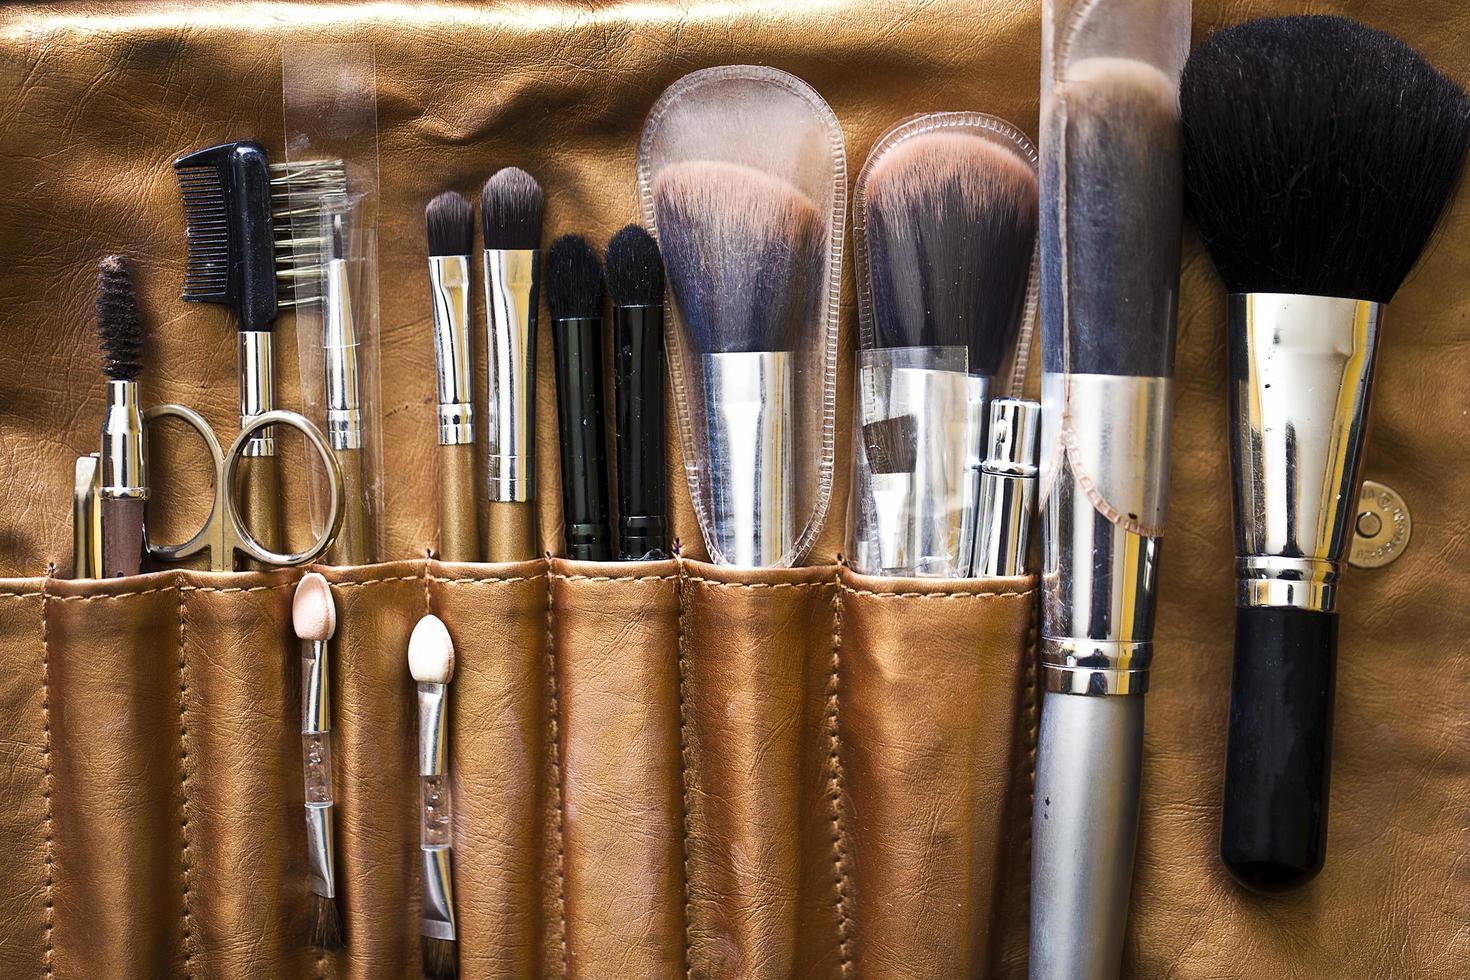 moda belleza cuidado maquillaje herramientas instrumentos foto